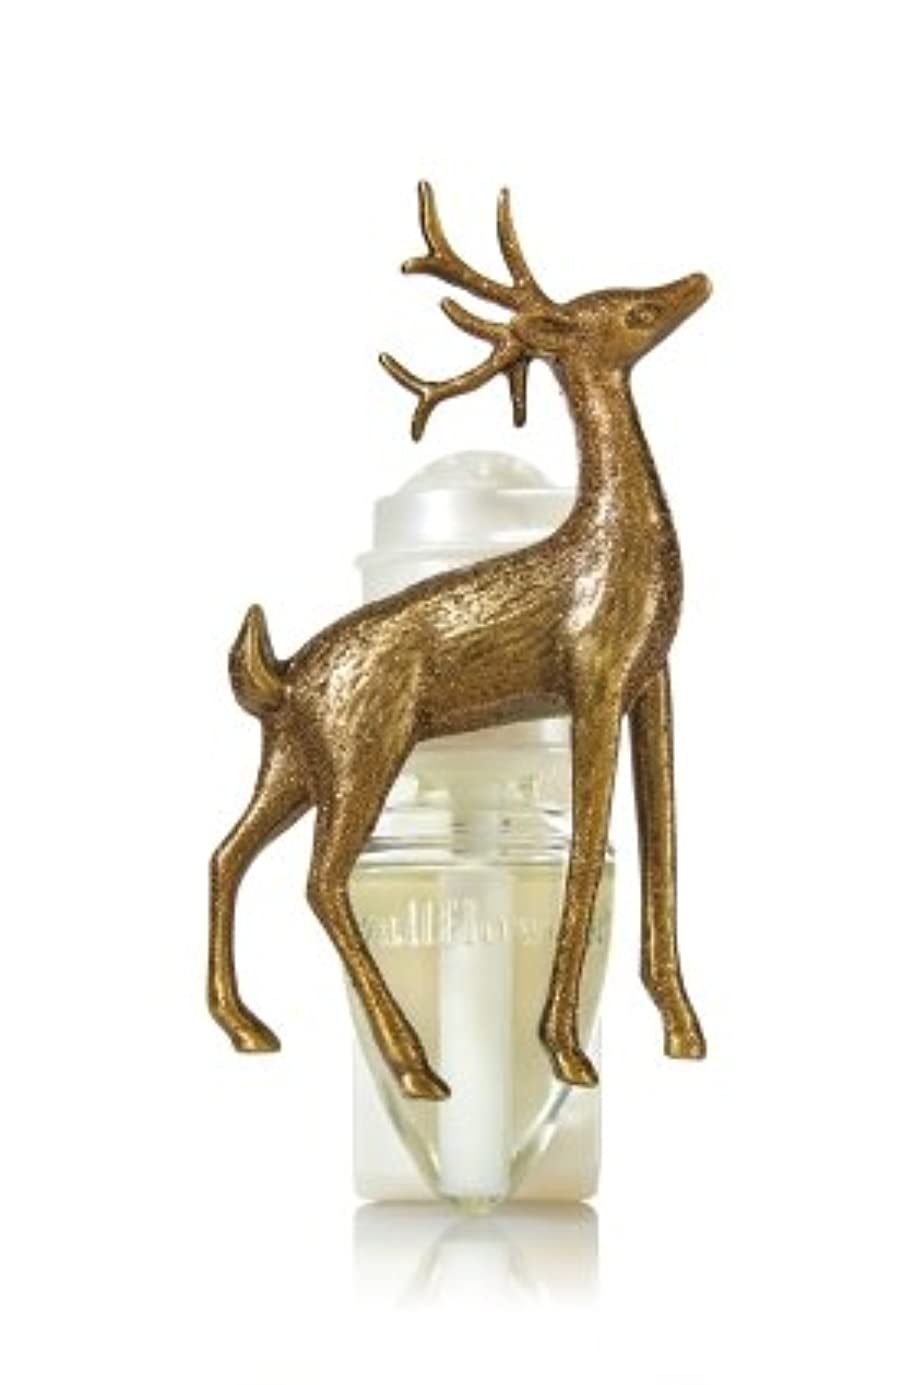 懺悔ベール中絶【Bath&Body Works/バス&ボディワークス】 ルームフレグランス プラグインスターター (本体のみ) ウッドランドディアー Wallflowers Fragrance Plug Woodland Deer [並行輸入品]